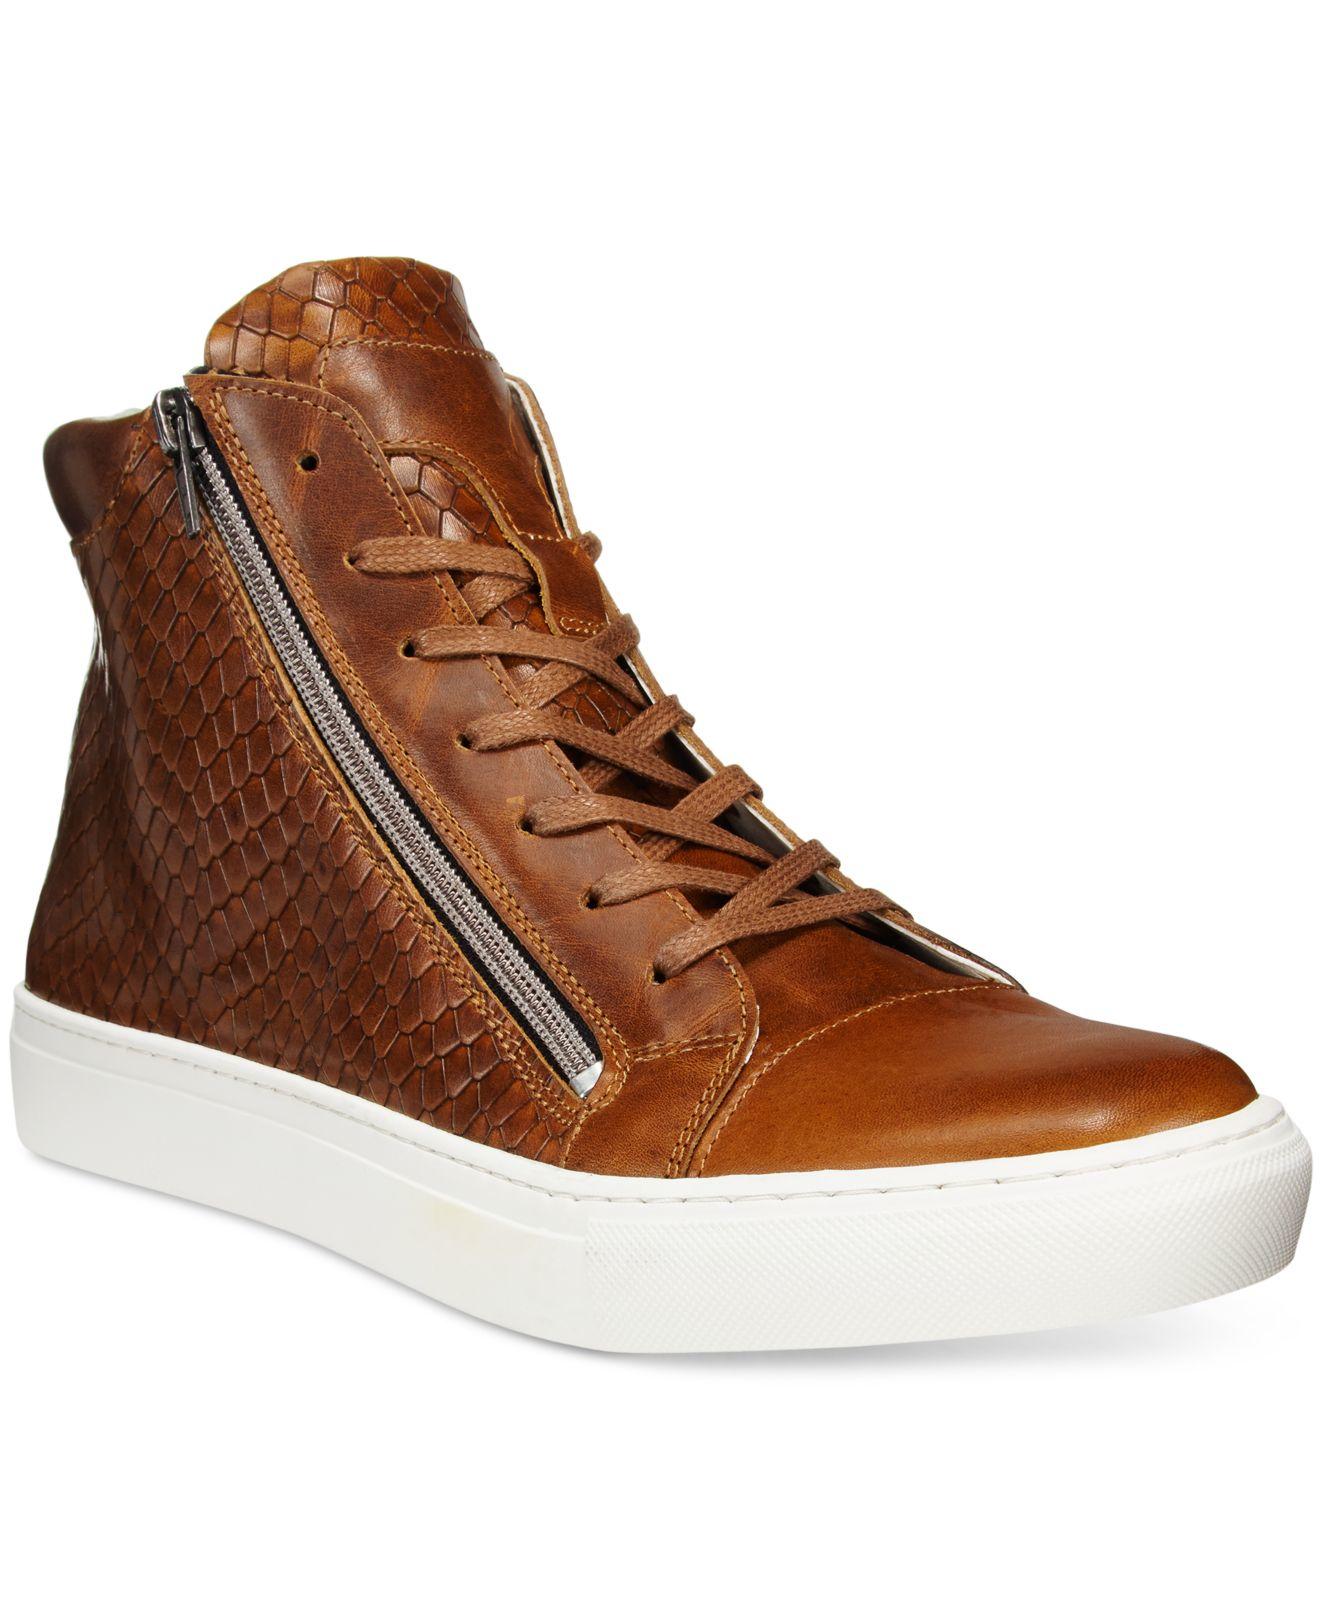 Cambridge Mens High Tops Shoes